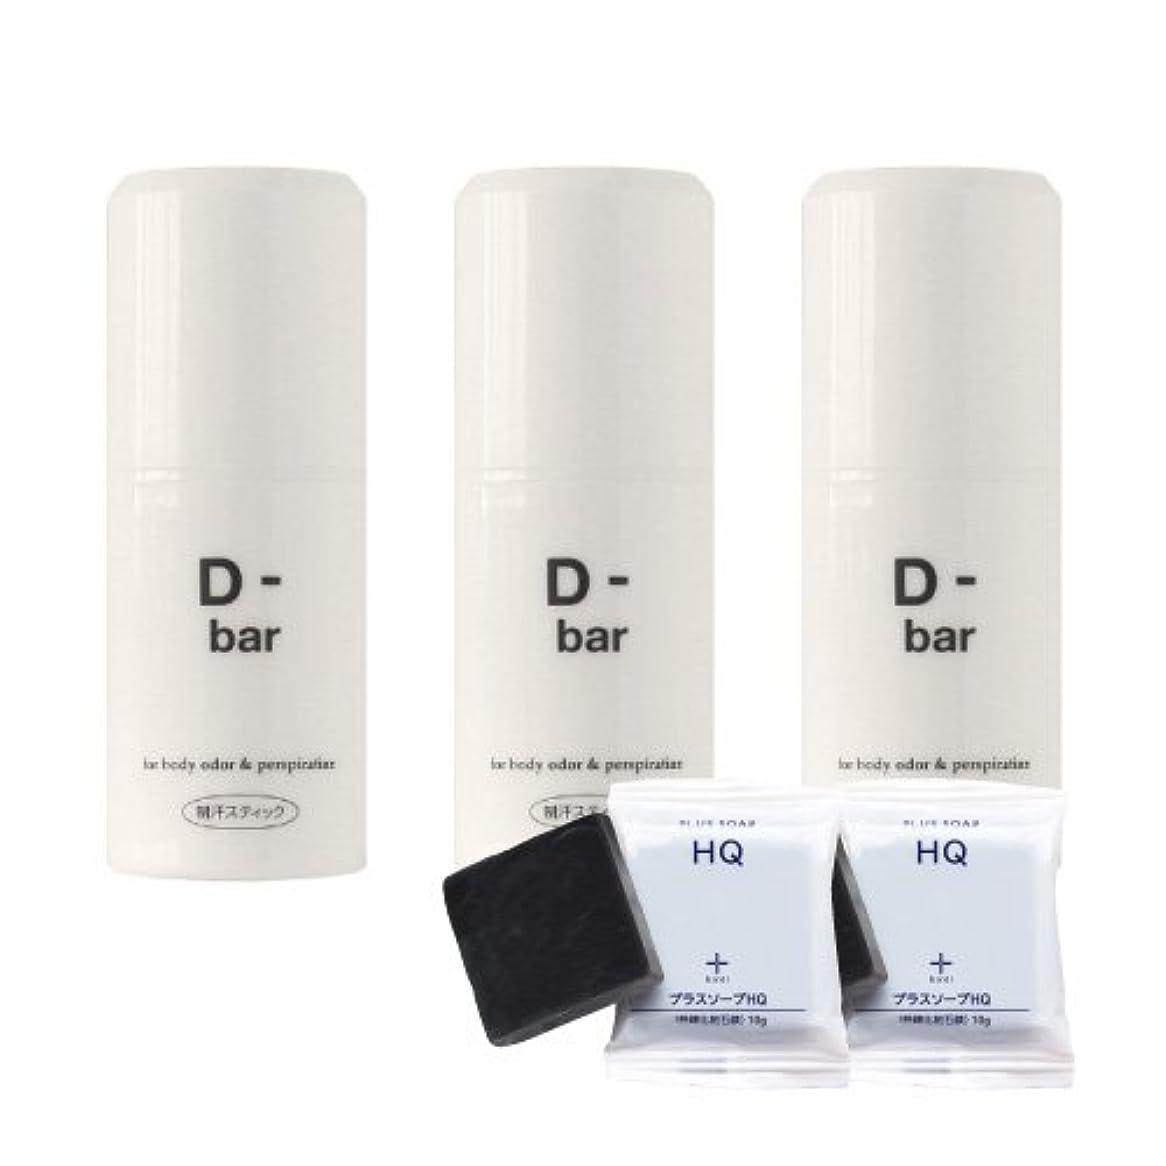 行くアトム砂D-bar(ディーバー) 15g 3本 + プラスソープHQミニ 2個